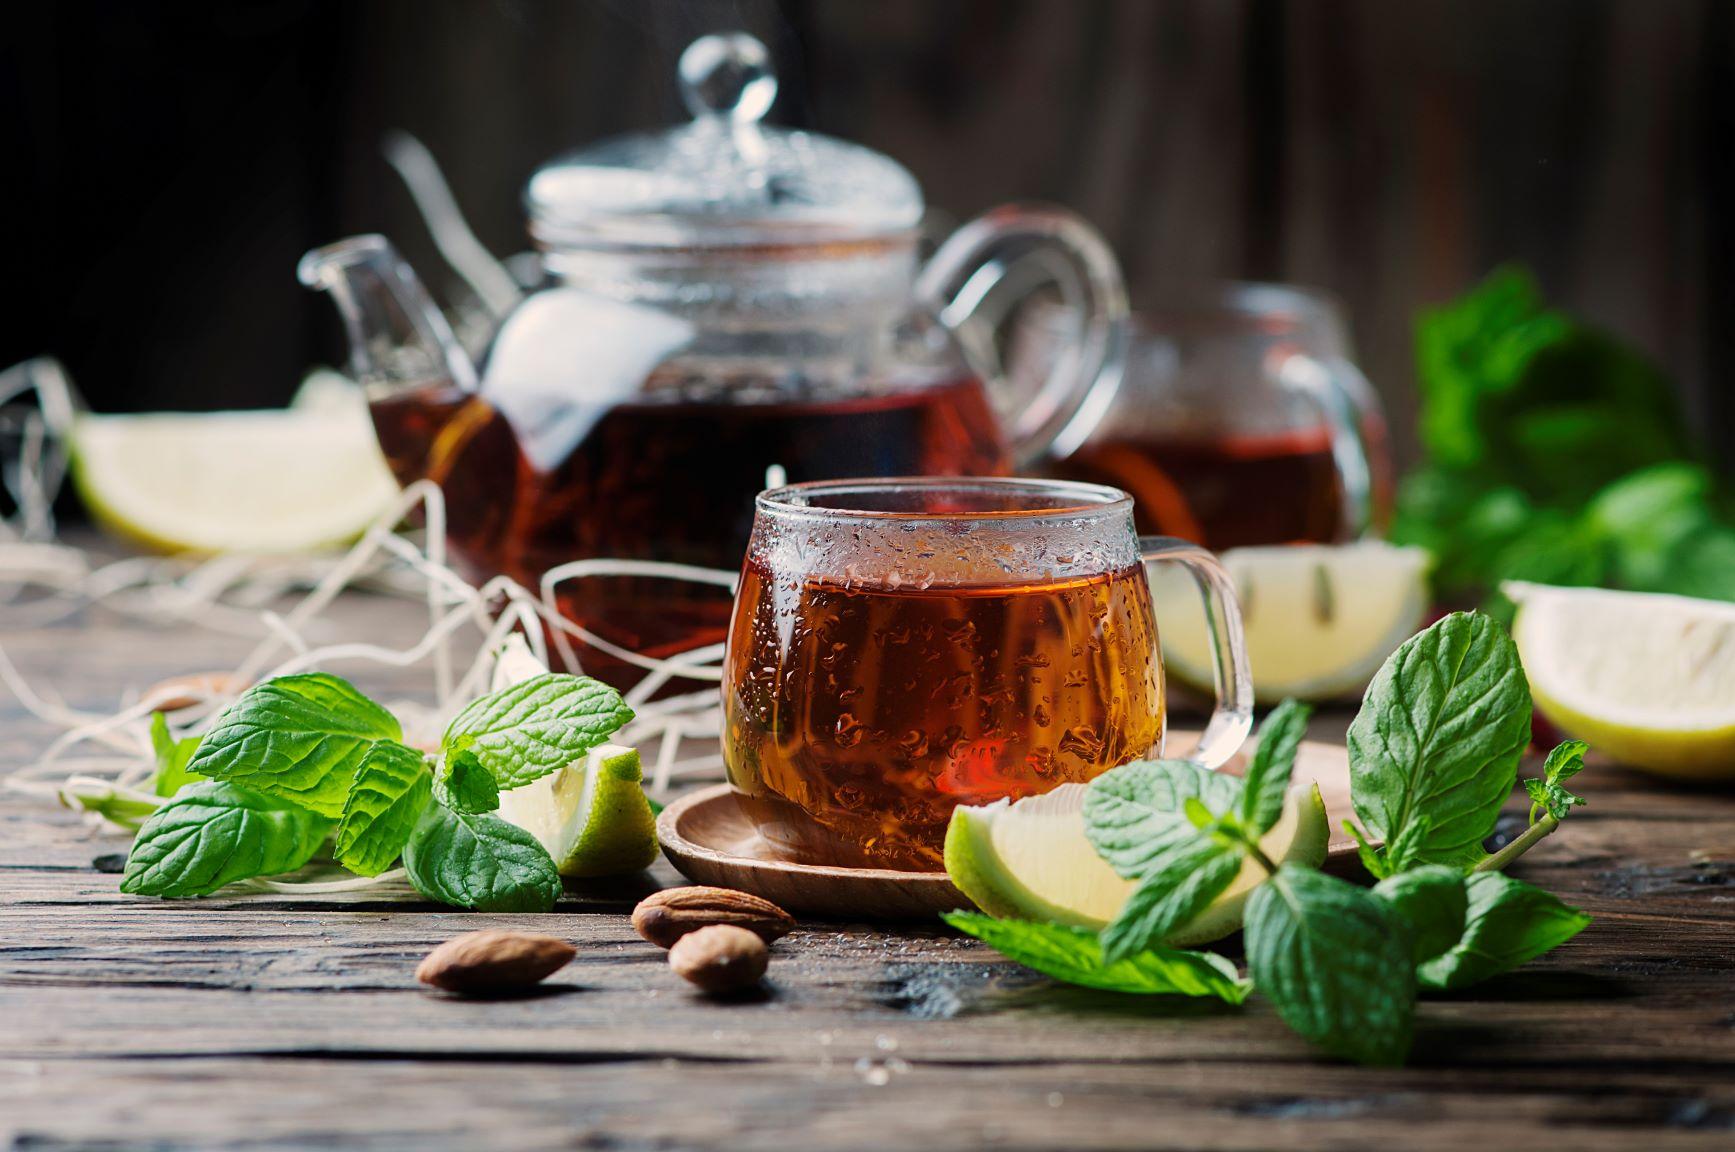 Alternativní léčba často využívá síly bylin a přírodních produktů